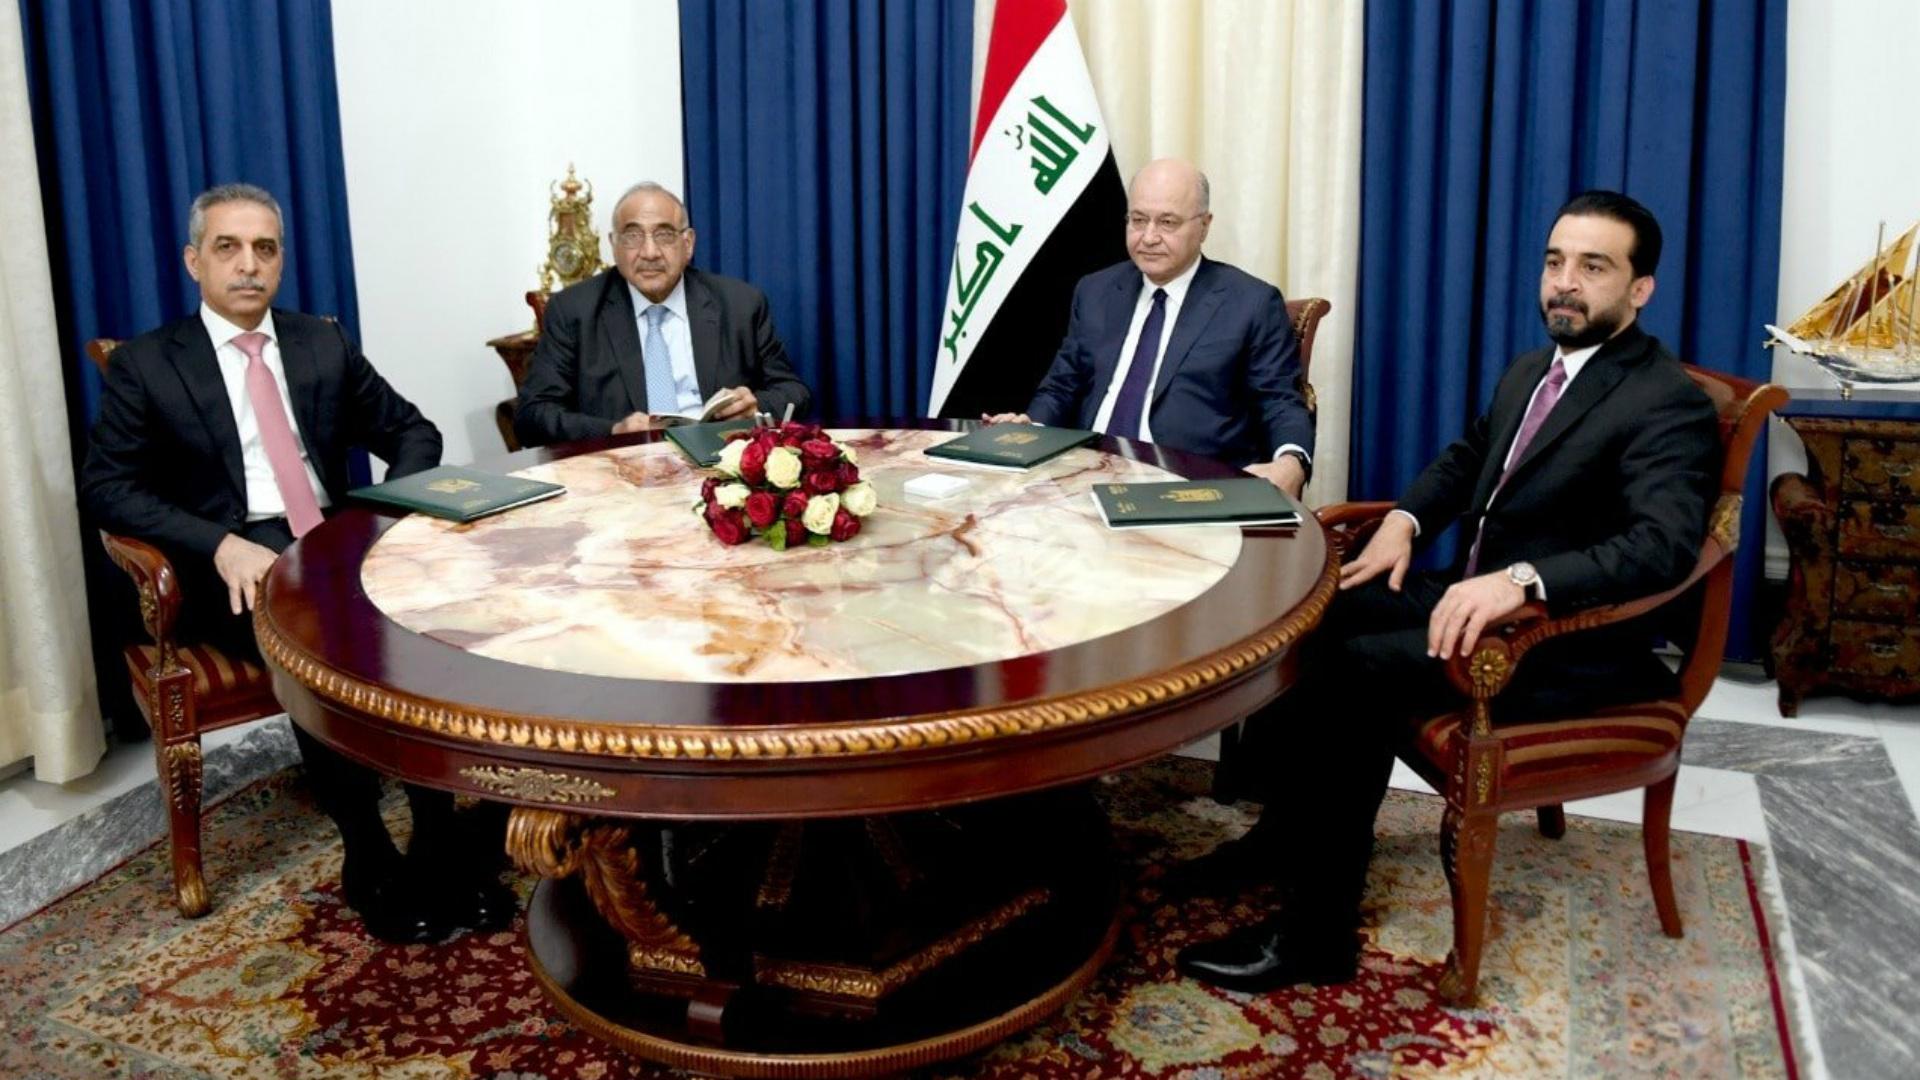 الرئاسات الثلاث تدعو إلى حماية المتظاهرين